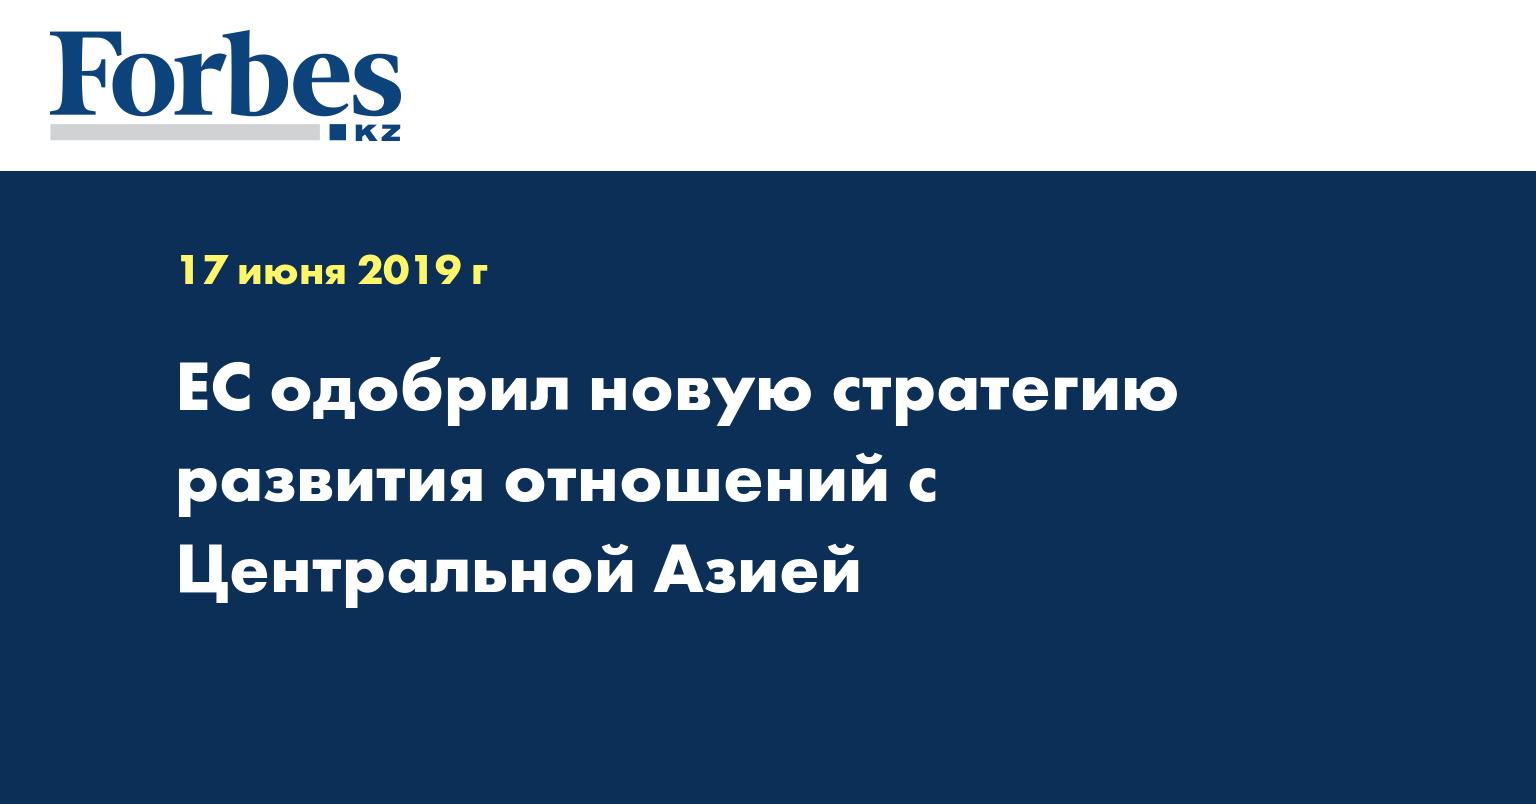 ЕС одобрил новую стратегию развития отношений с Центральной Азией